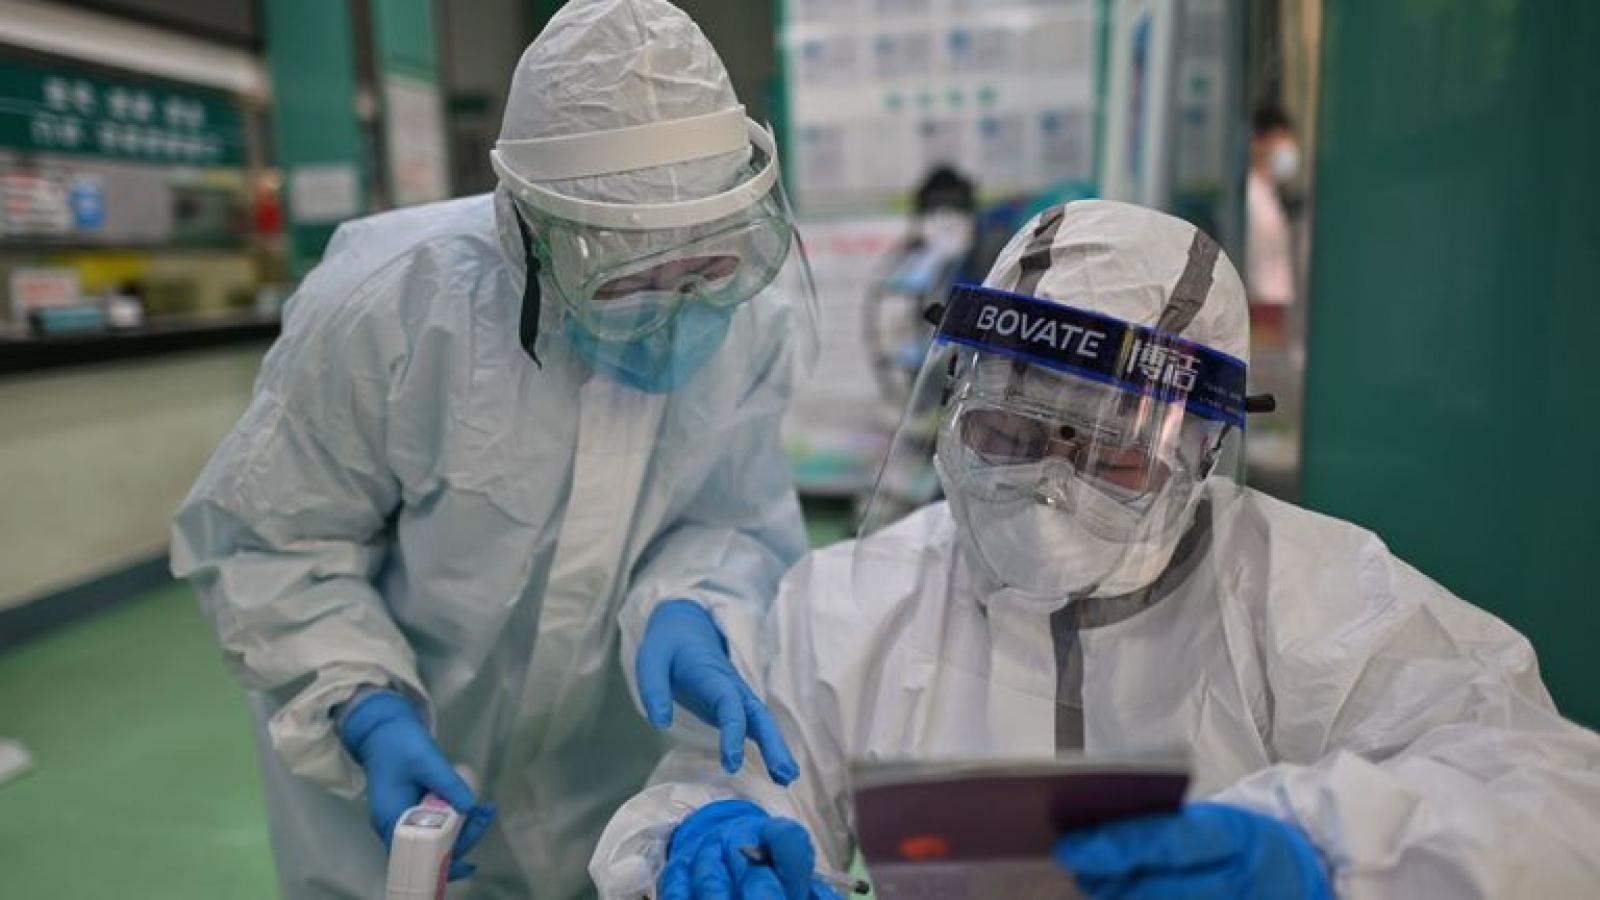 Chuyêngia điều tra nguồn gốc Covid-19 của WHO sẽ tới Trung Quốc ngày 14/1